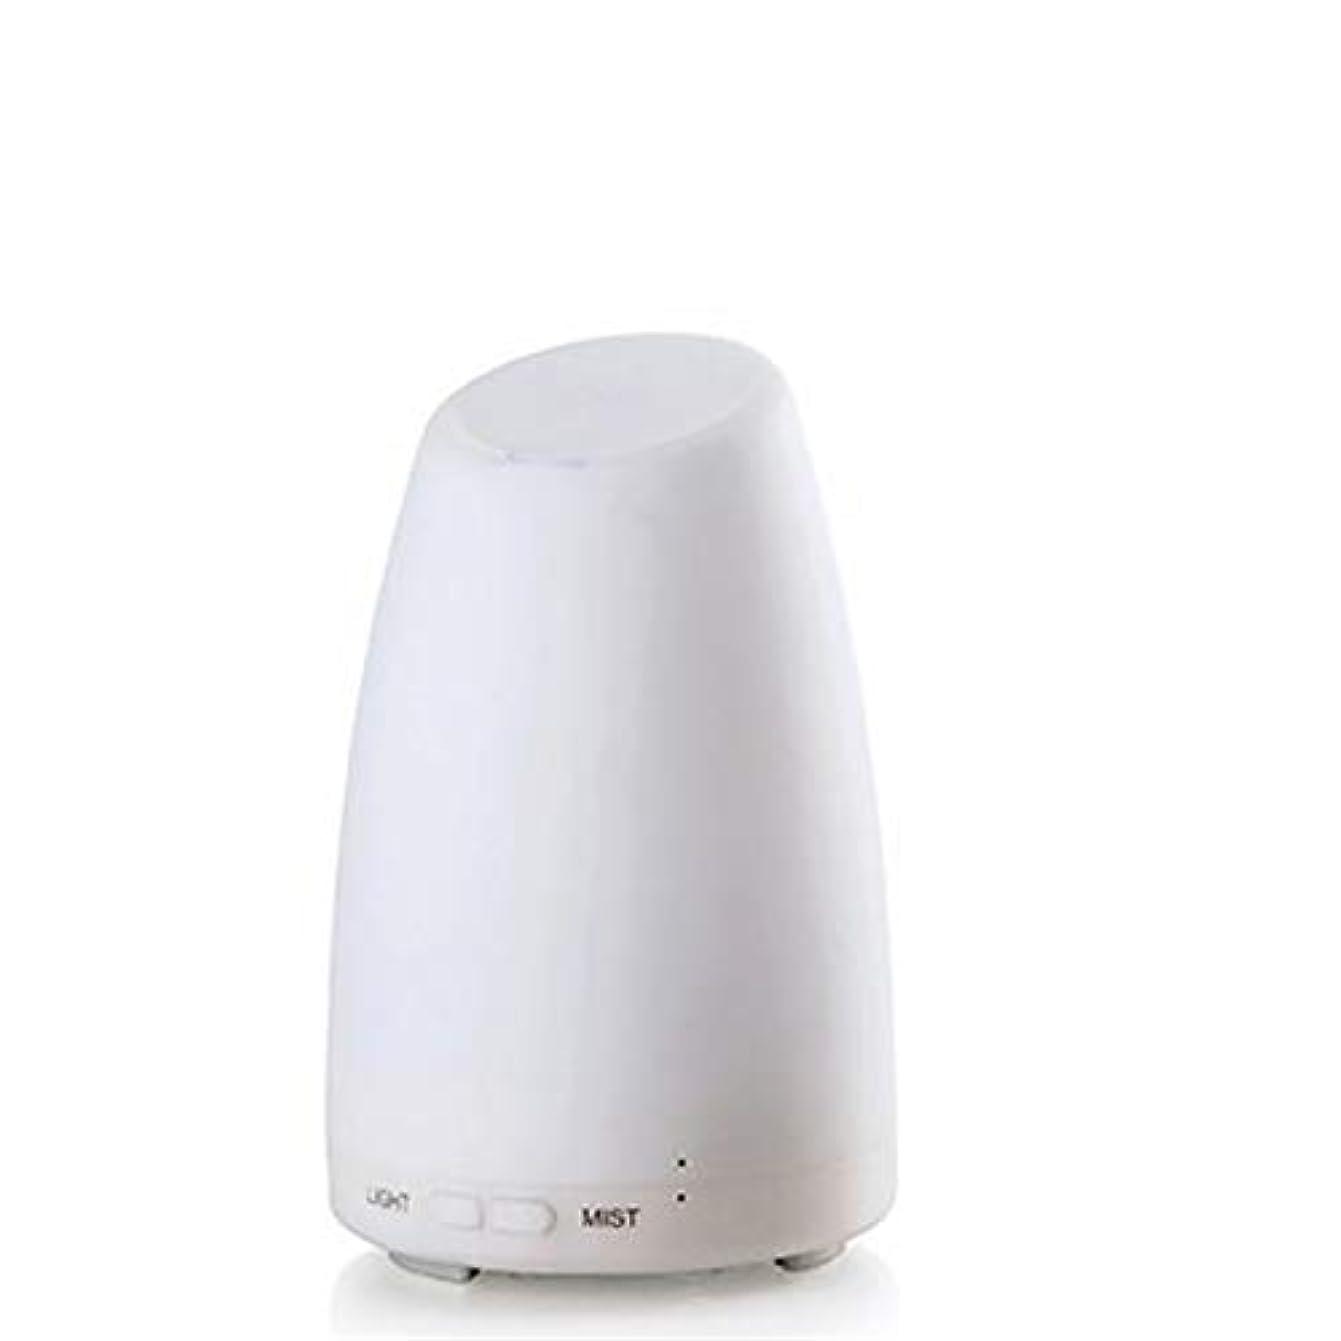 意義根絶する鏡エッセンシャルオイルディフューザー、霧コントロール4h 使用、低水自動シャットダウン、7種類の LED ライト、家庭、オフィス、寝室、家族のベビールームとの超音波 100 ml アロマディフューザー